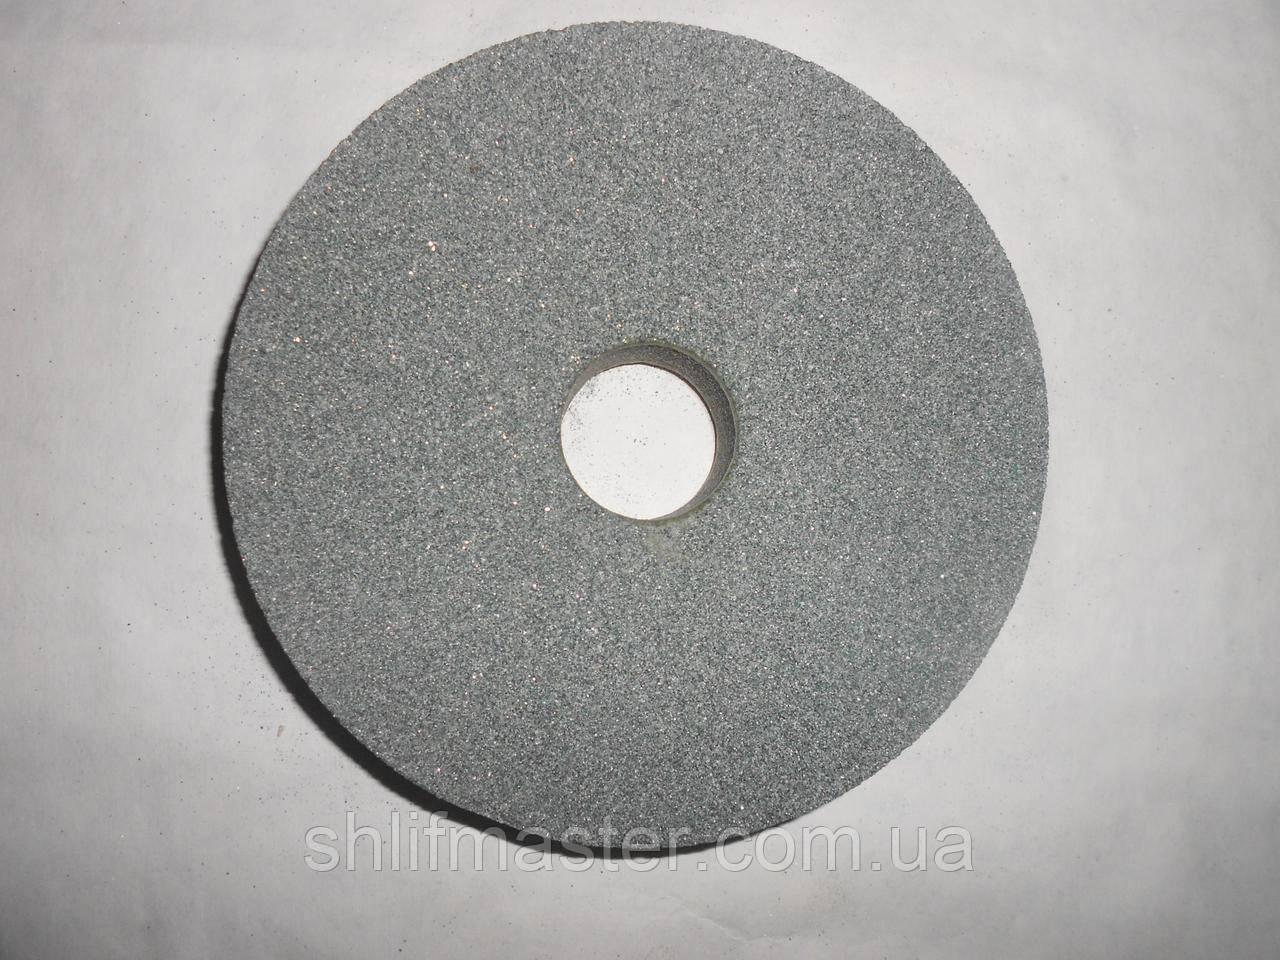 Круг абразивный шлифовальный из карбида кремния 64С (зеленый) 200х8х32 16 СМ